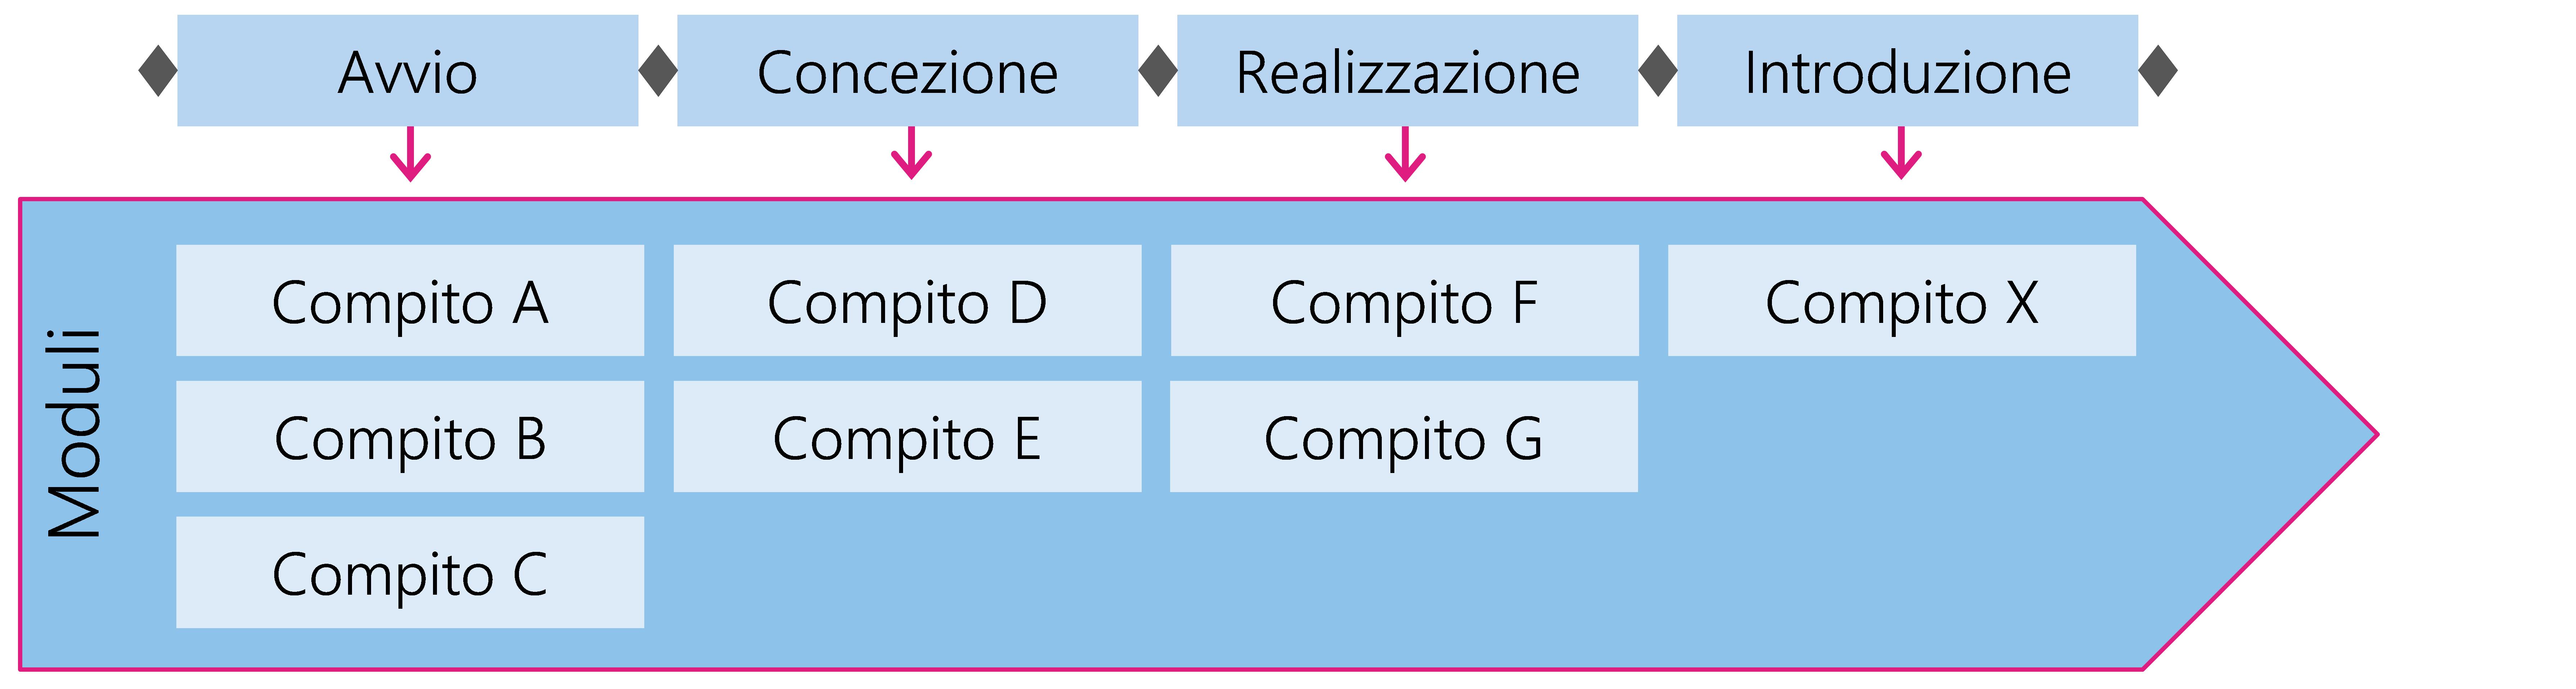 Figura 5: I compiti sono raggruppati in moduli e attribuiti alle fasi